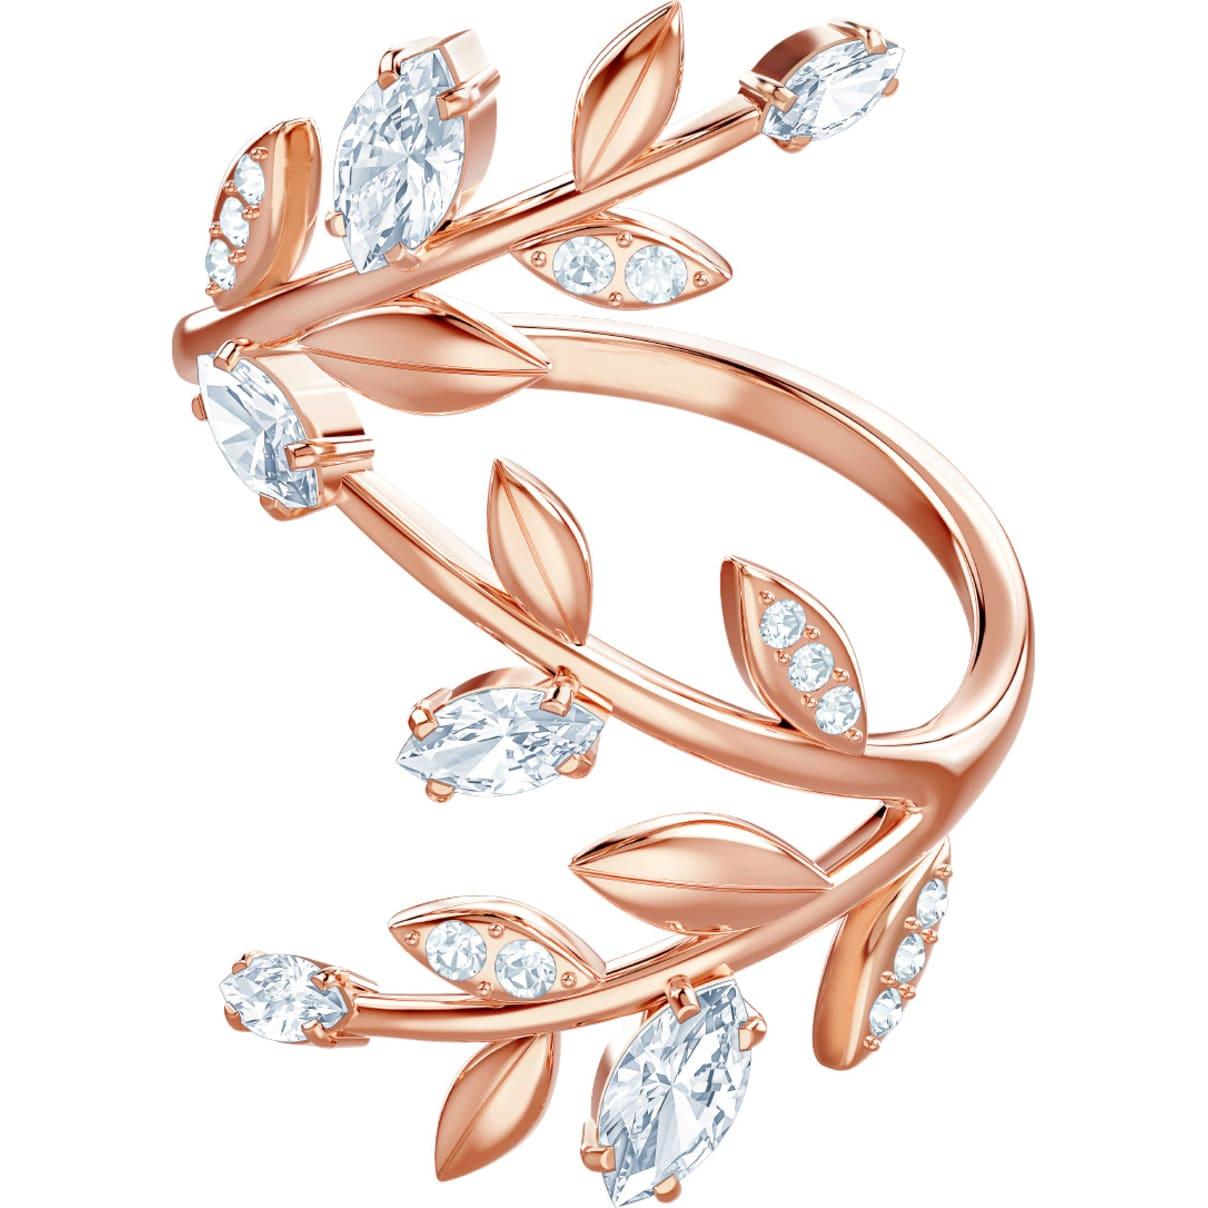 Swarovski Mayfly Ring, White, Rose-gold tone plated